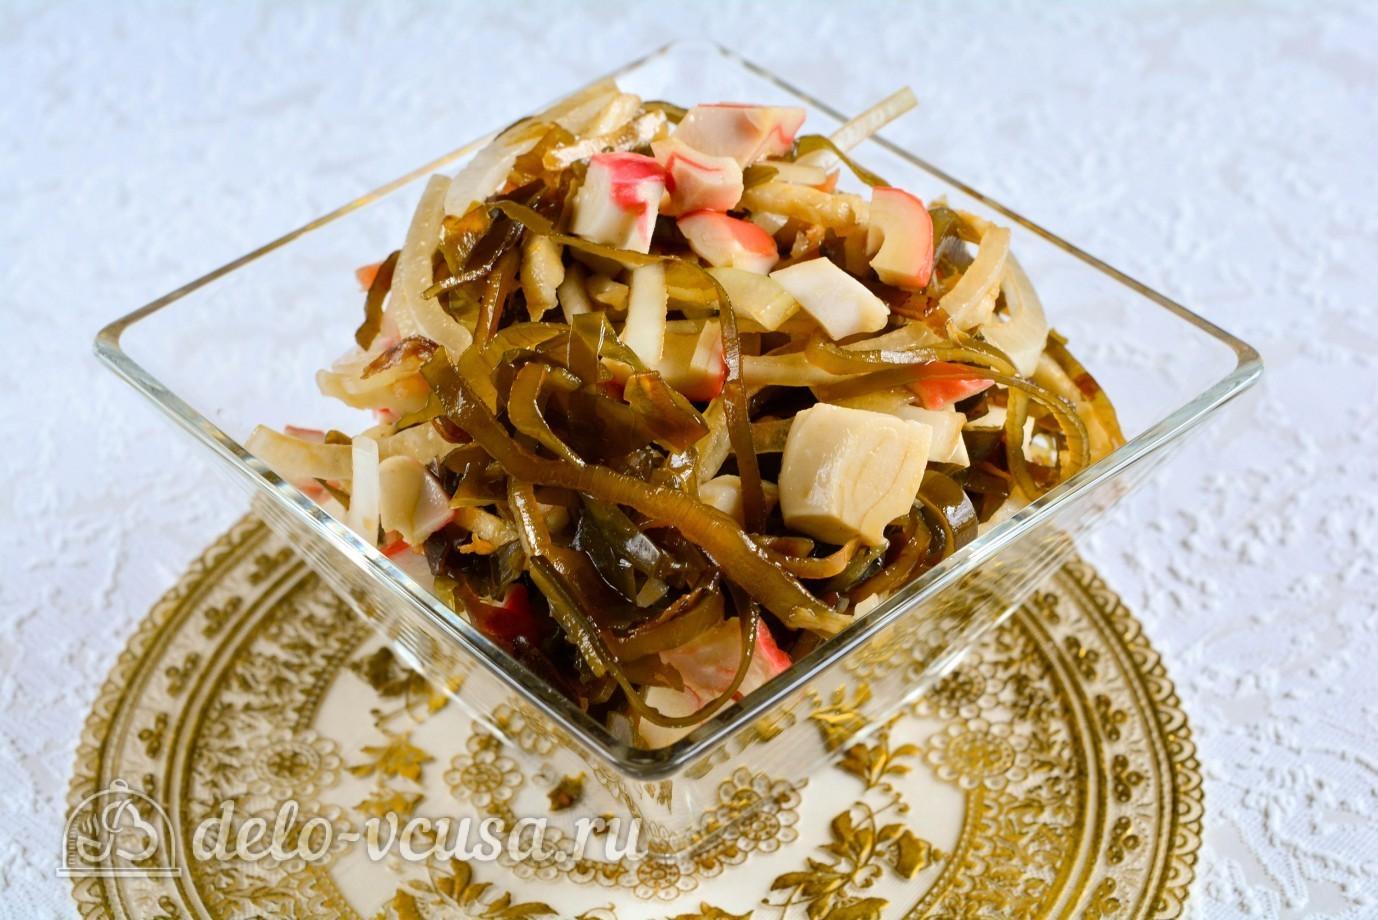 салаты с морской капустой и крабовыми палочками